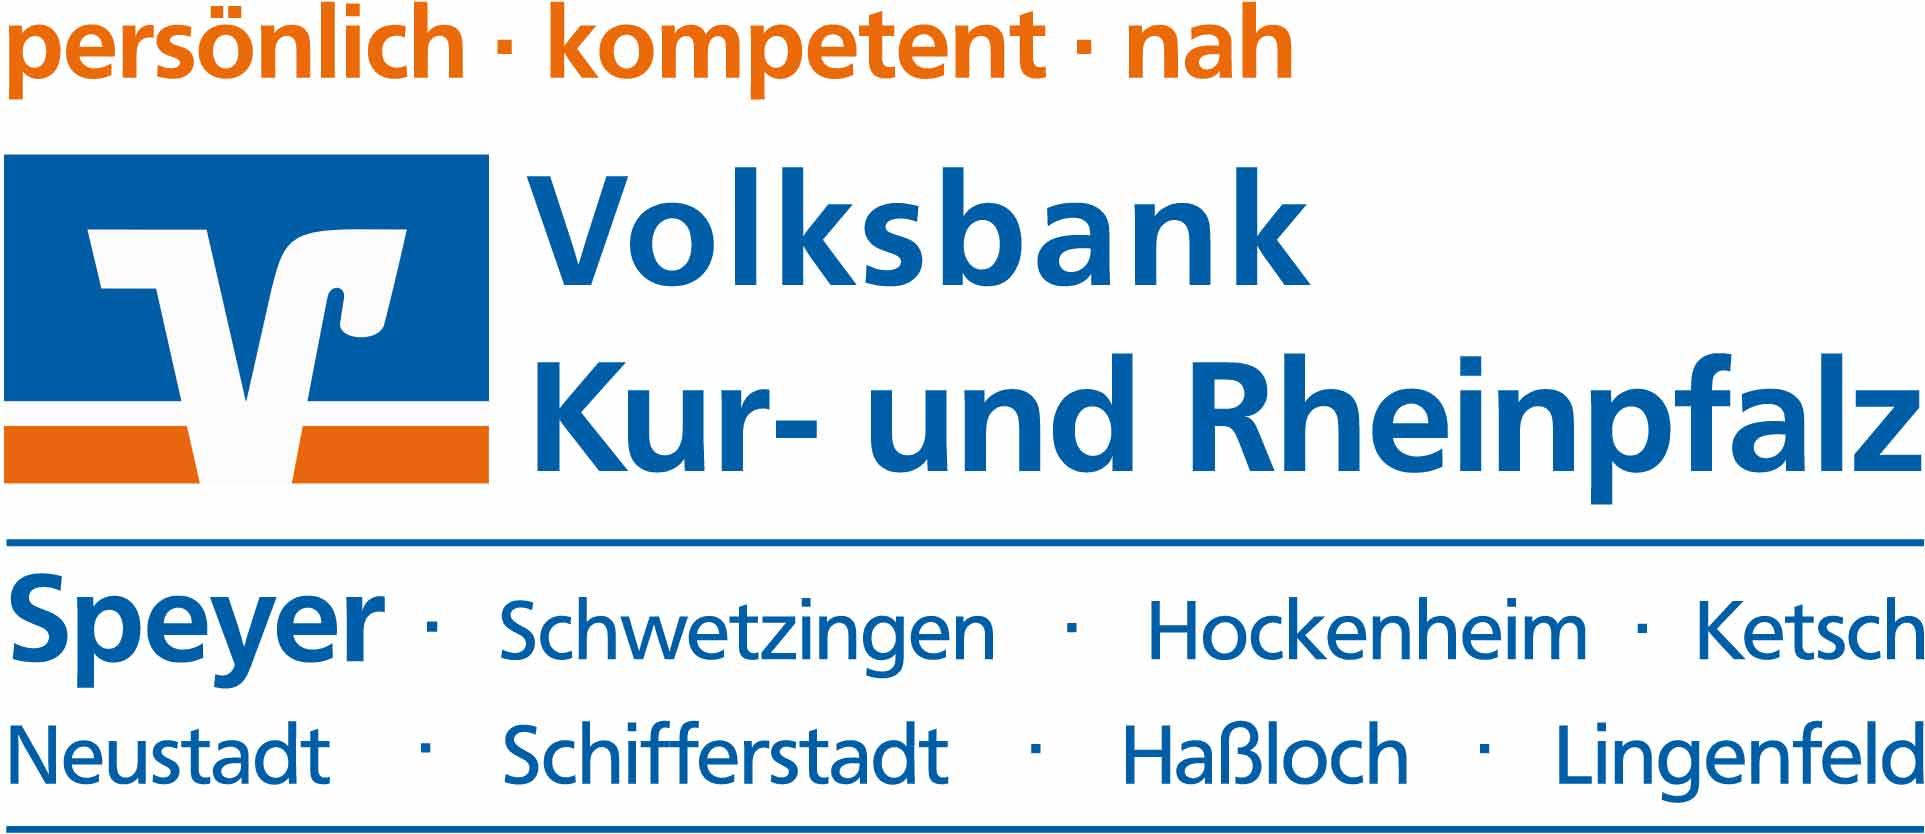 Logo Volksbank Kur- und Rheinpfalz